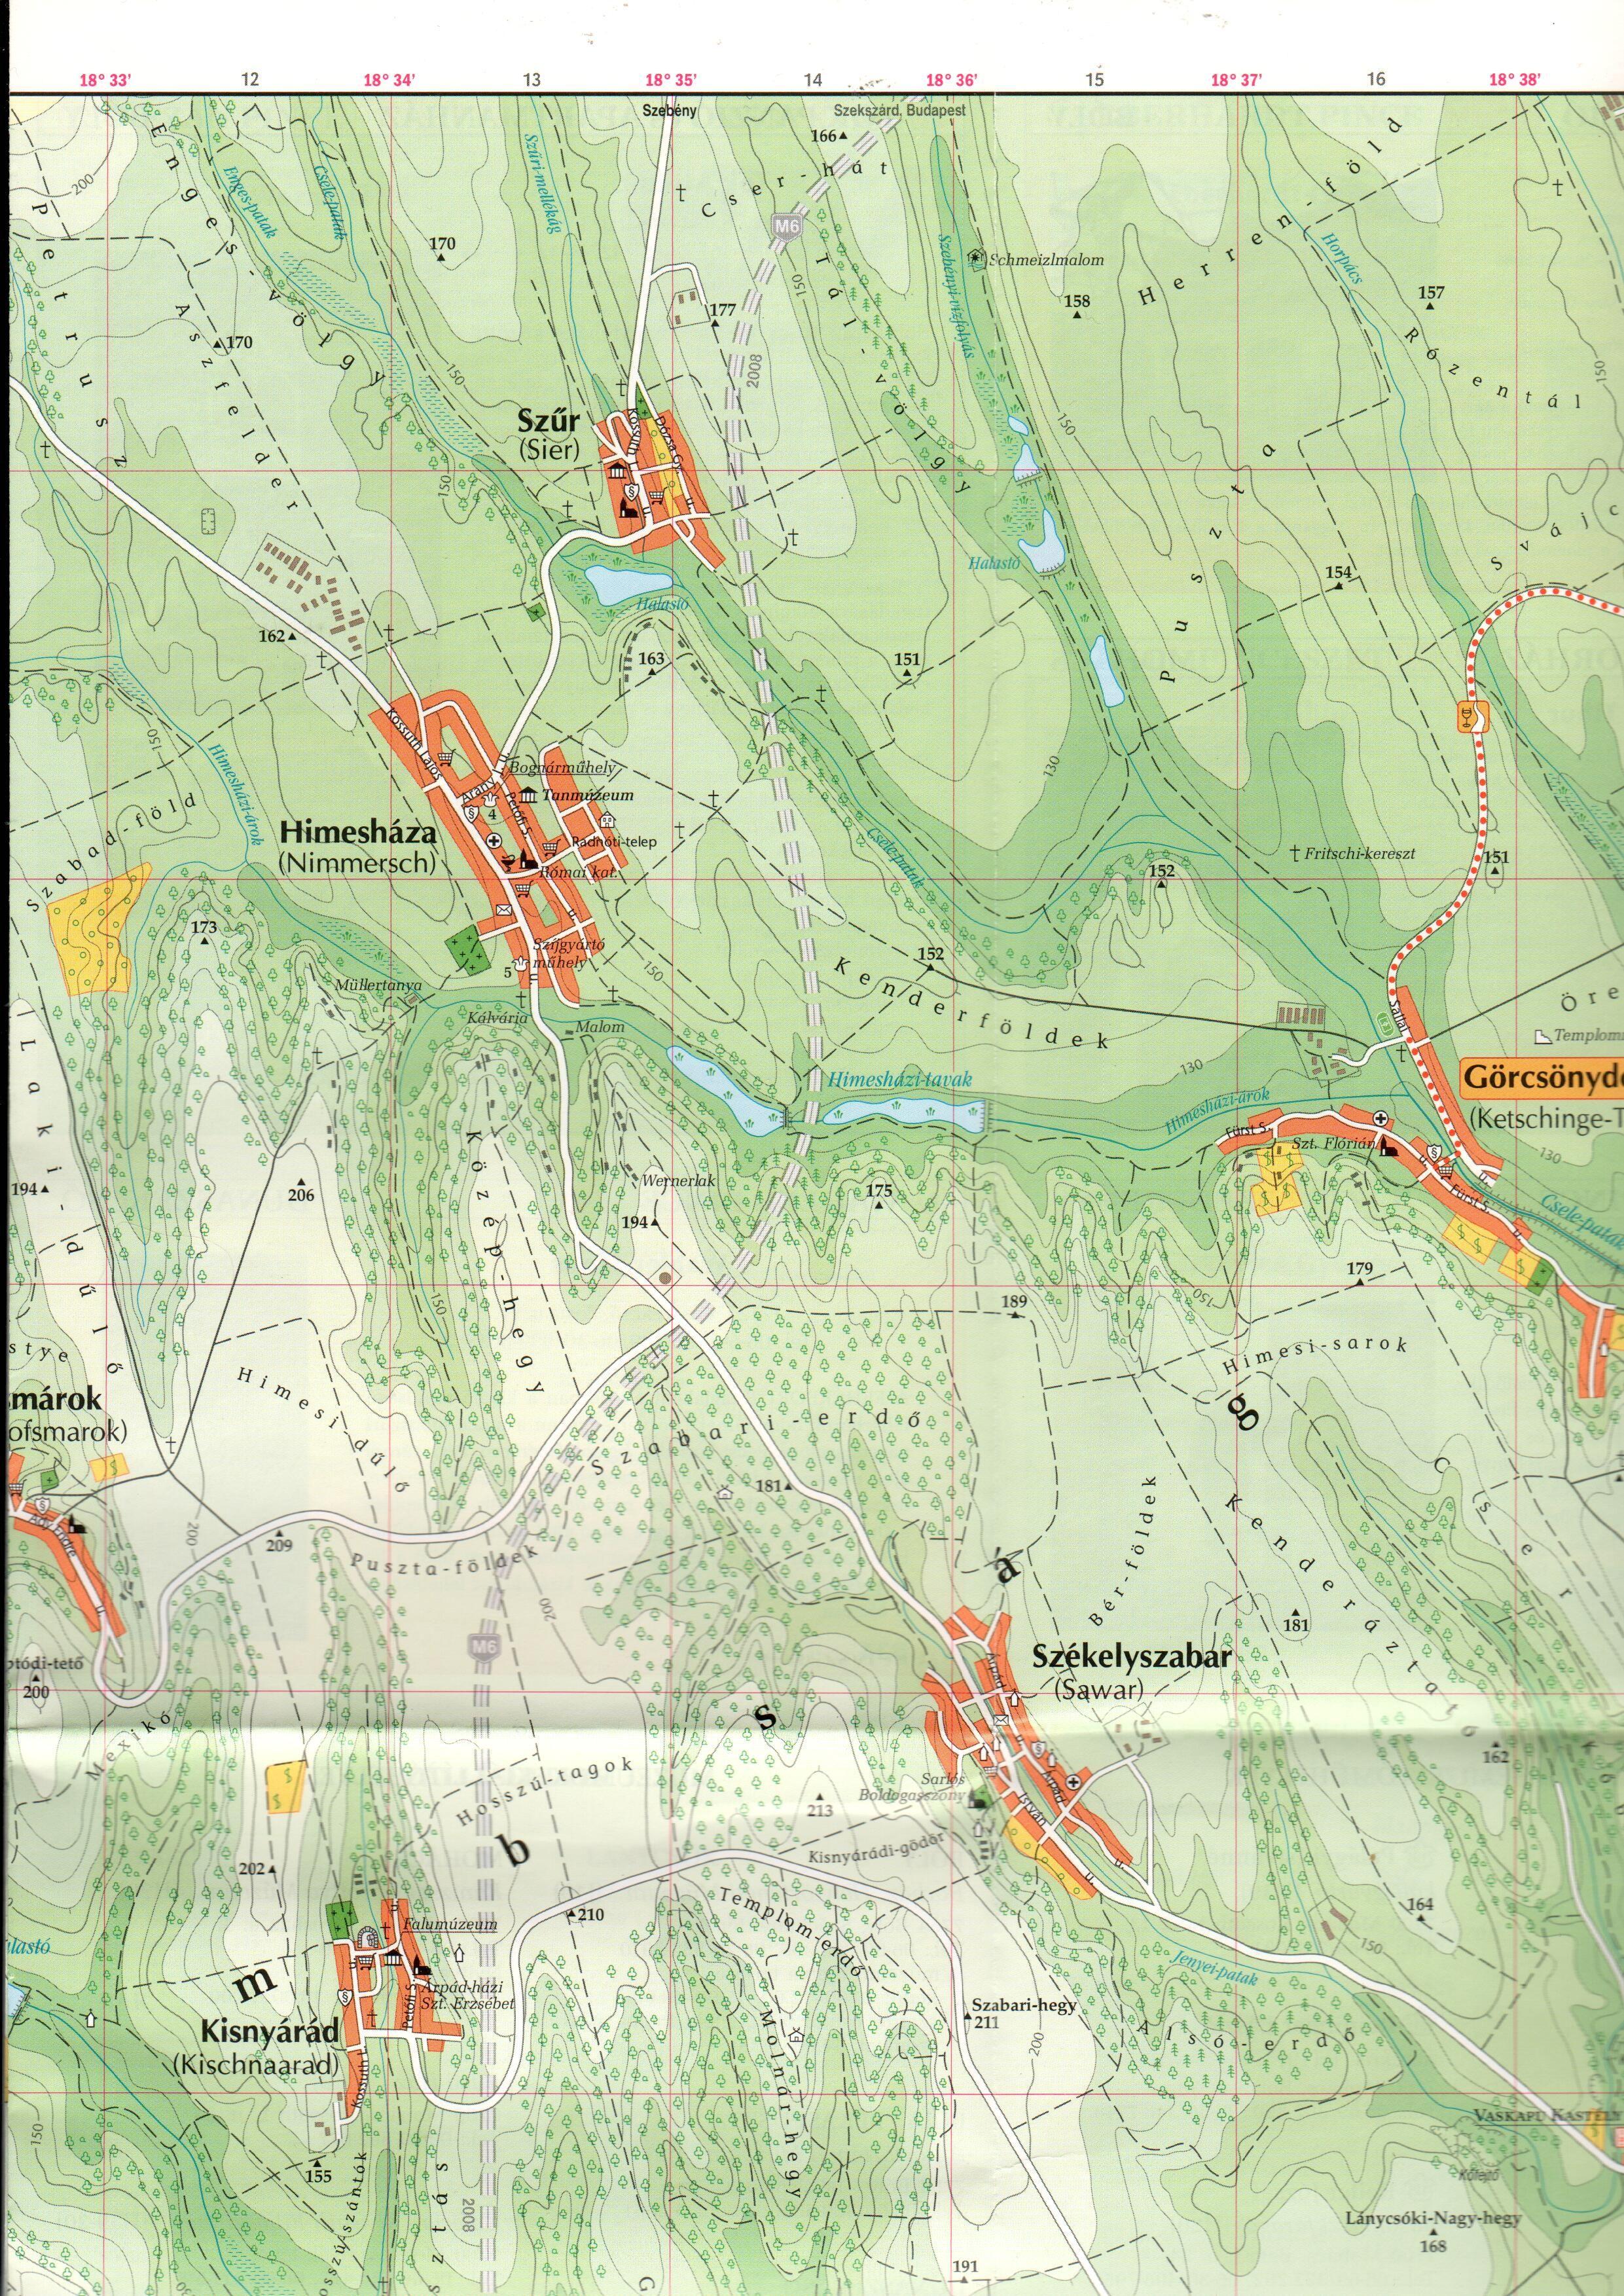 Mohács-Bóly borút térképminta